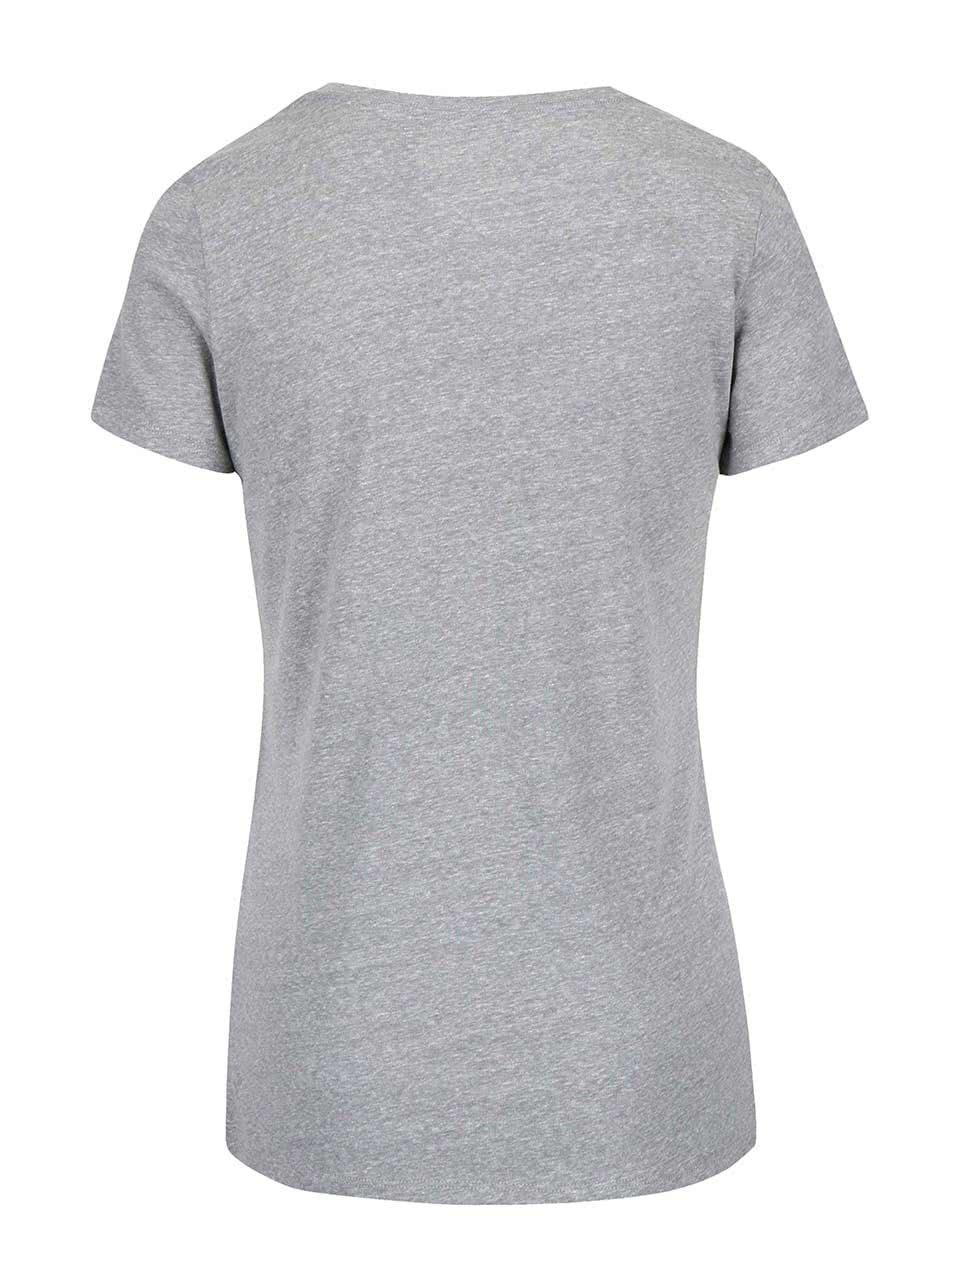 c0e9ad9f6 Sivé dámske tričko s krátkym rukávom Converse | ZOOT.sk